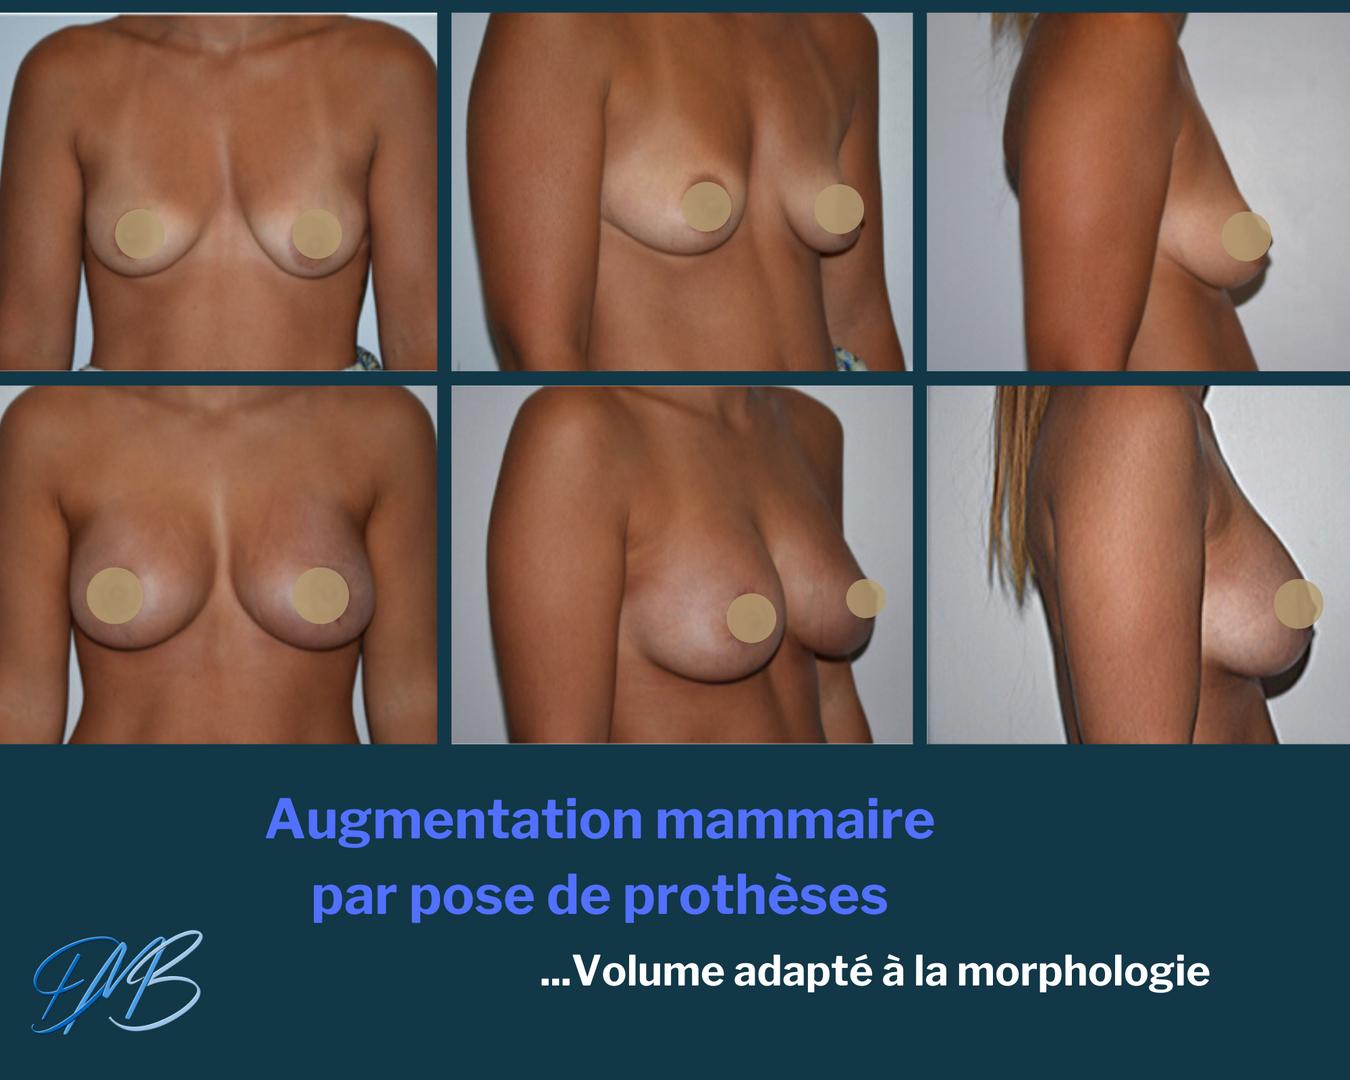 Augmentation mammaire par pose de prothèses + réduction d'aréole.